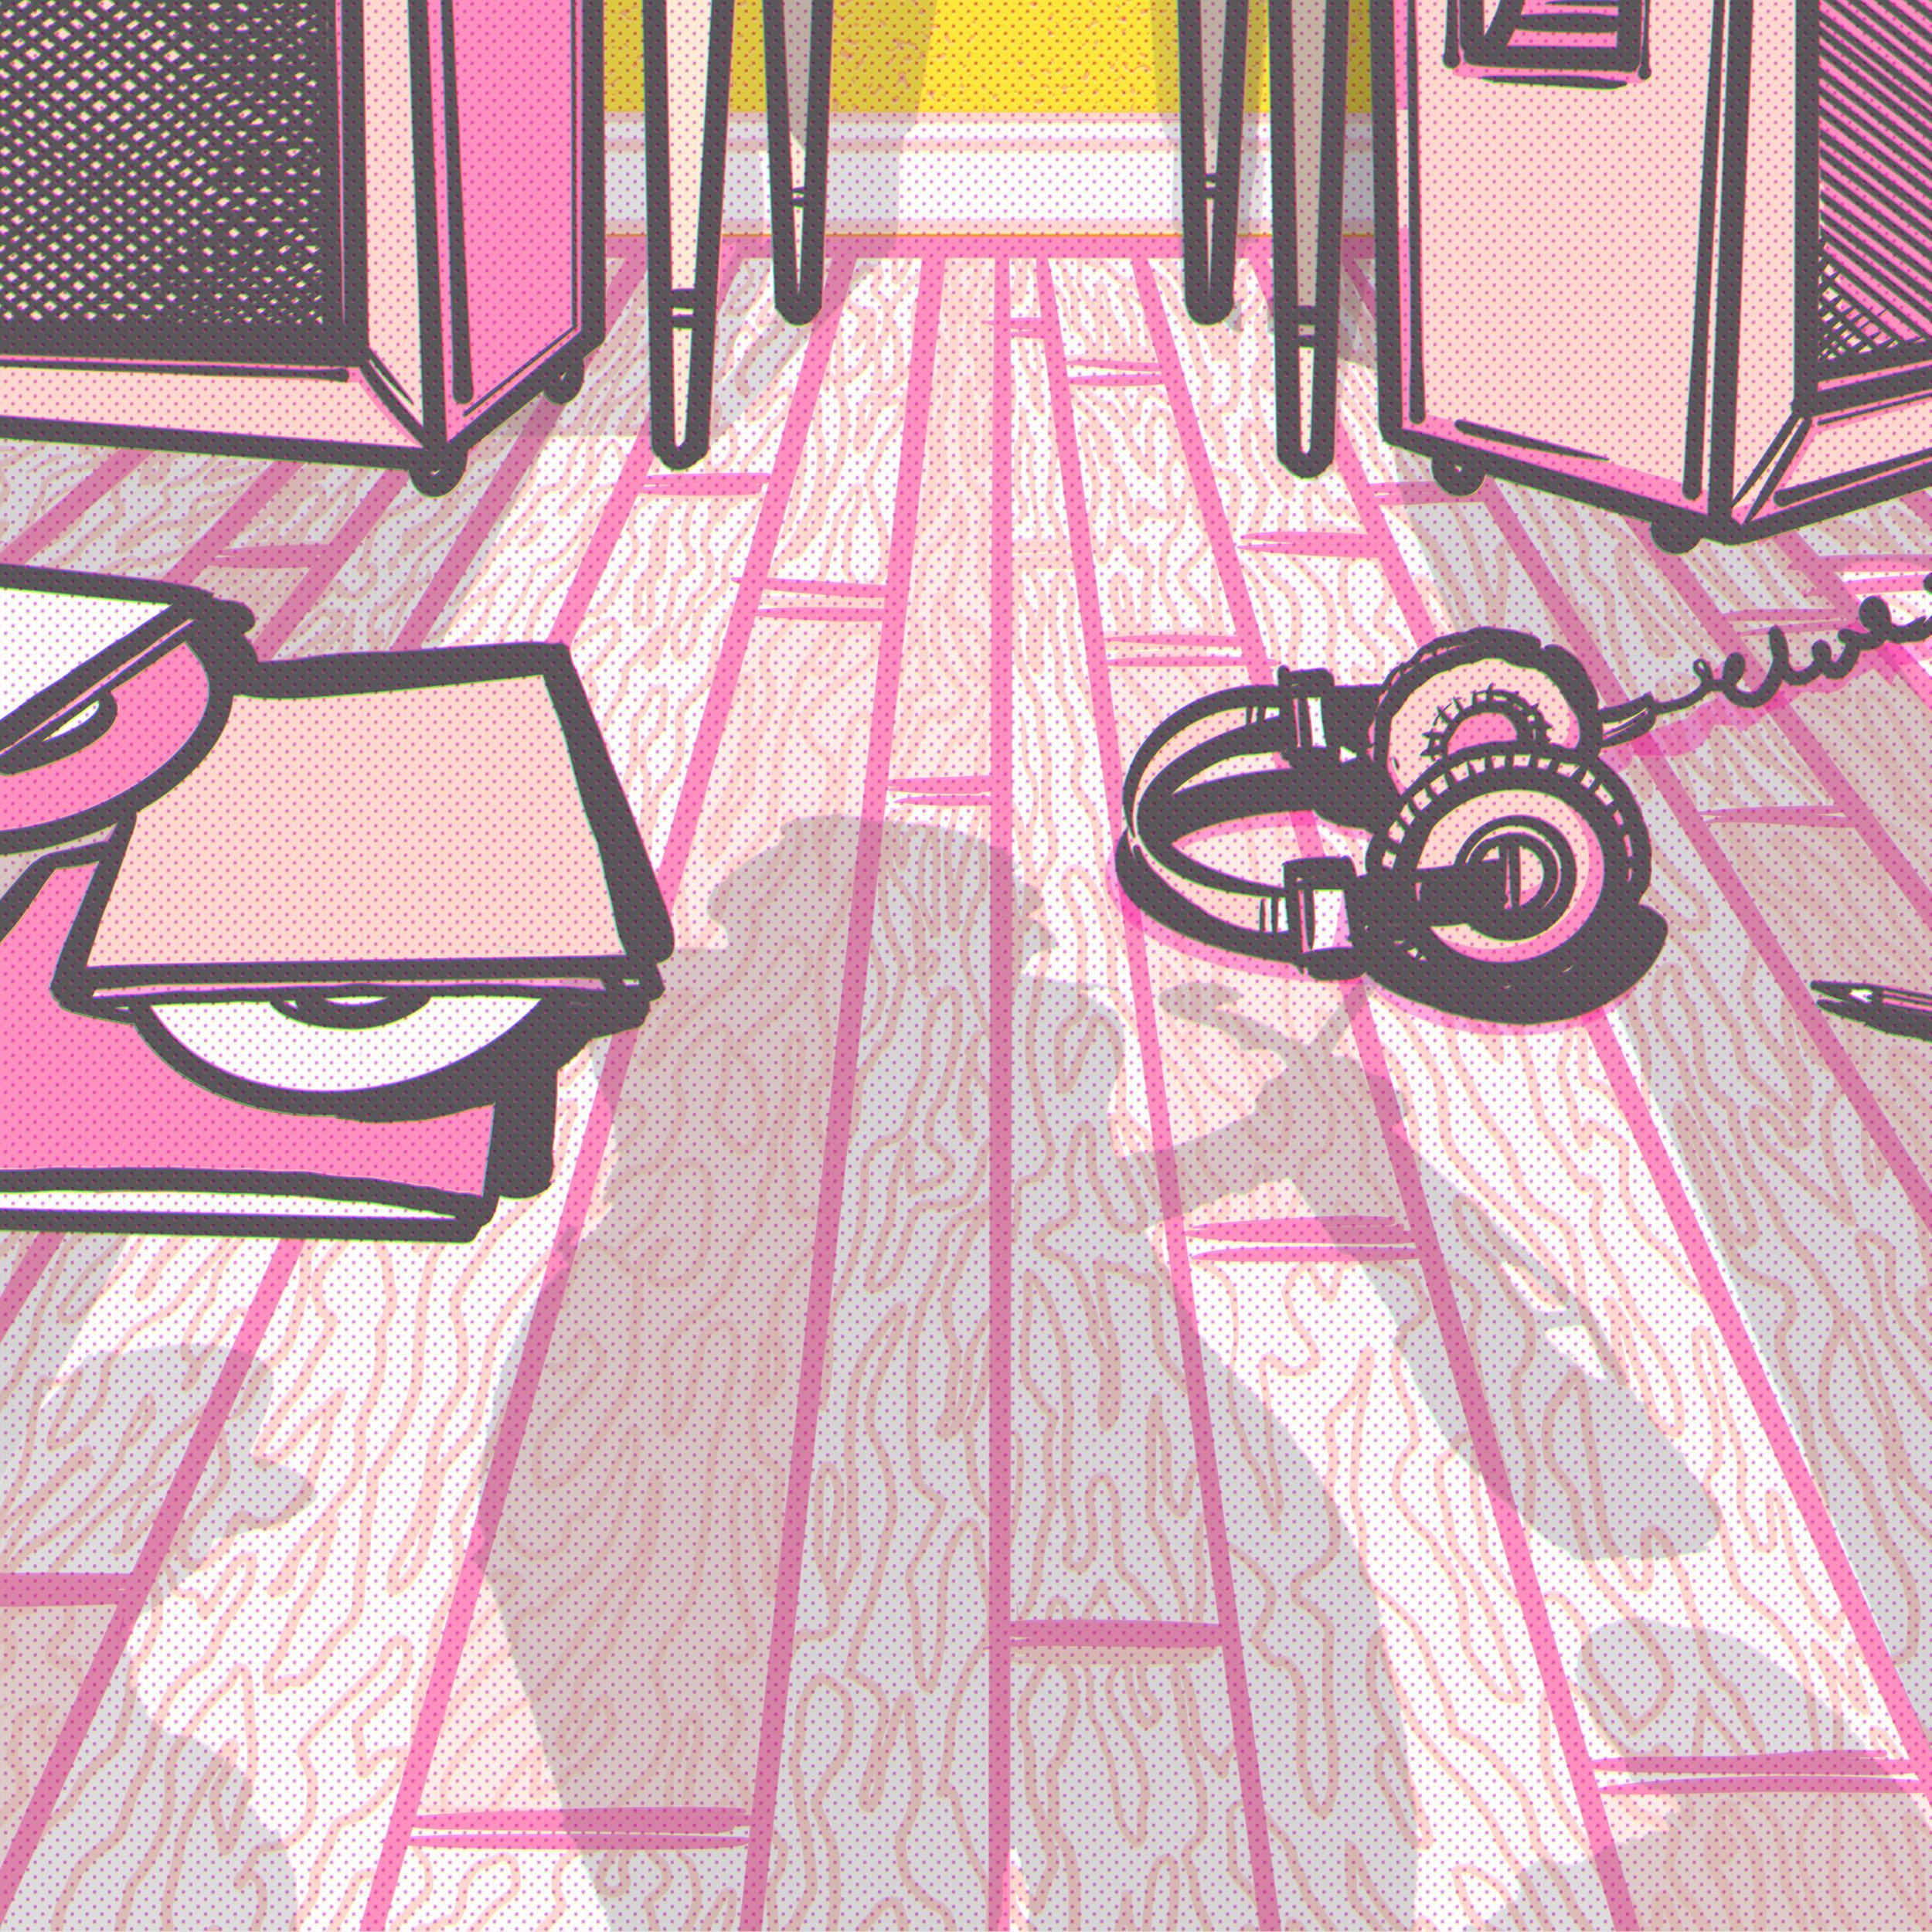 Hopscotch2019-Socials-carousel-4.jpg